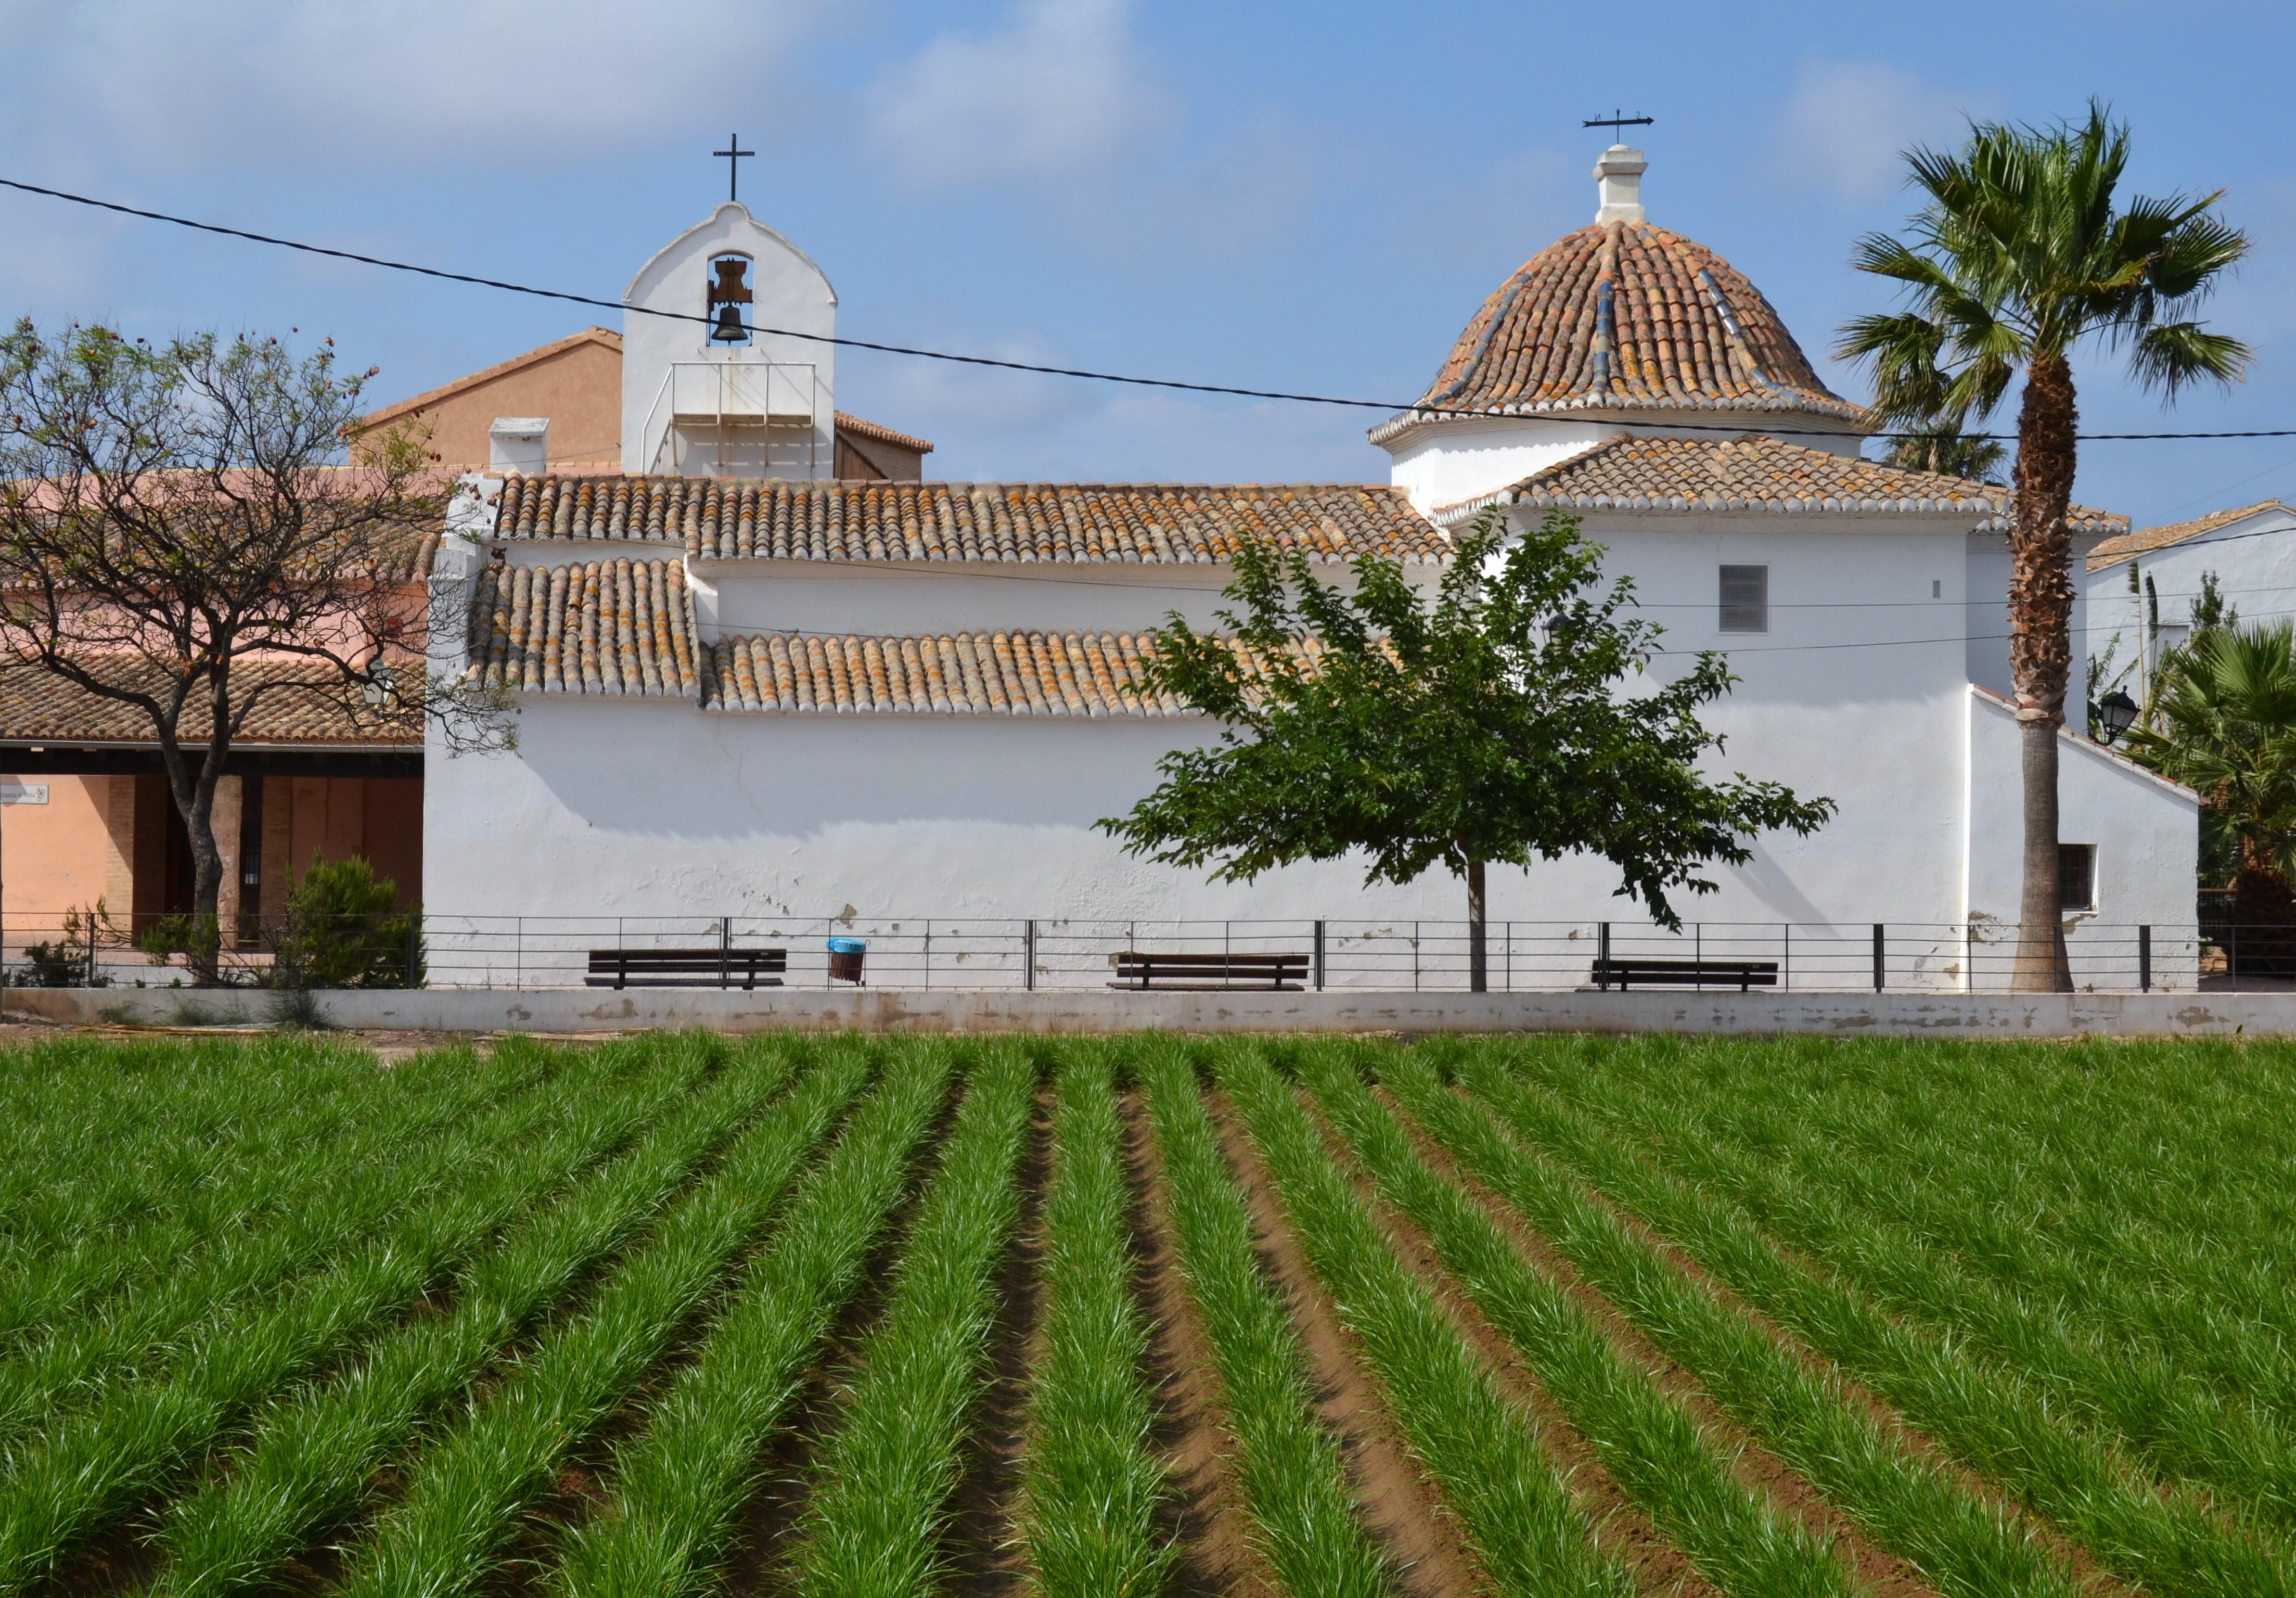 camp_de_xufa_i_l_ermita_de_vera_val_ncia.JPG